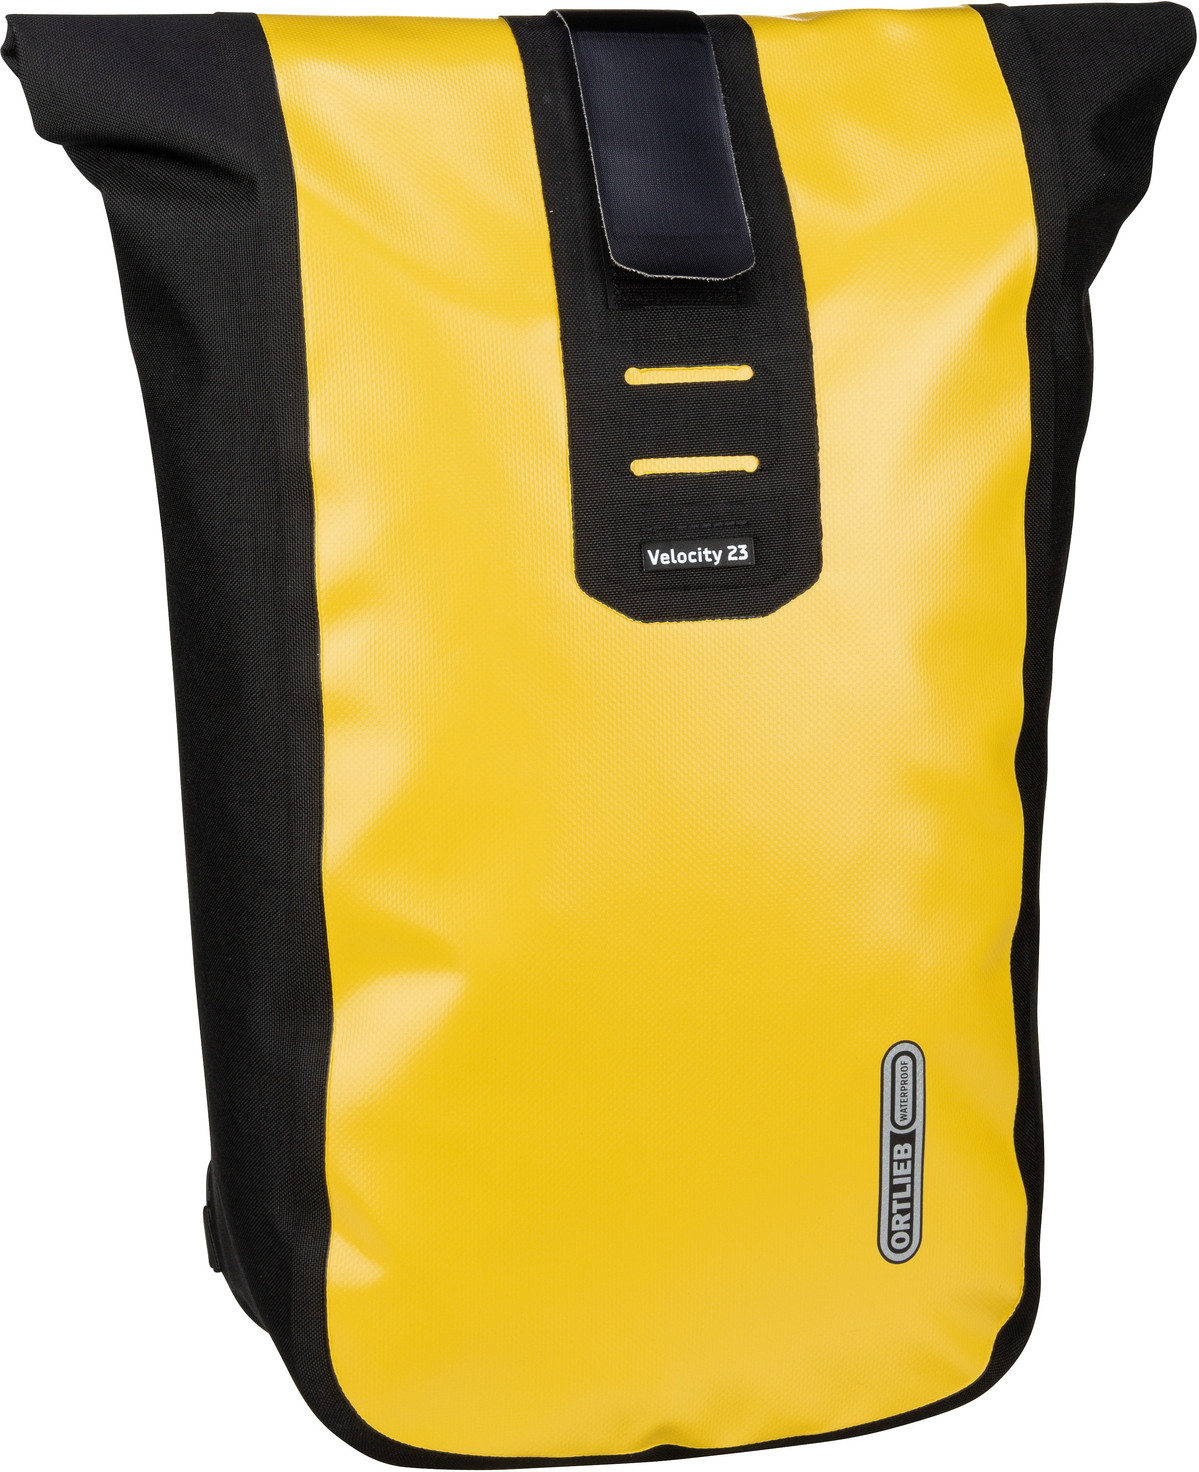 Rucksack / Daypack Velocity 23L Yellow-Black (23 Liter)